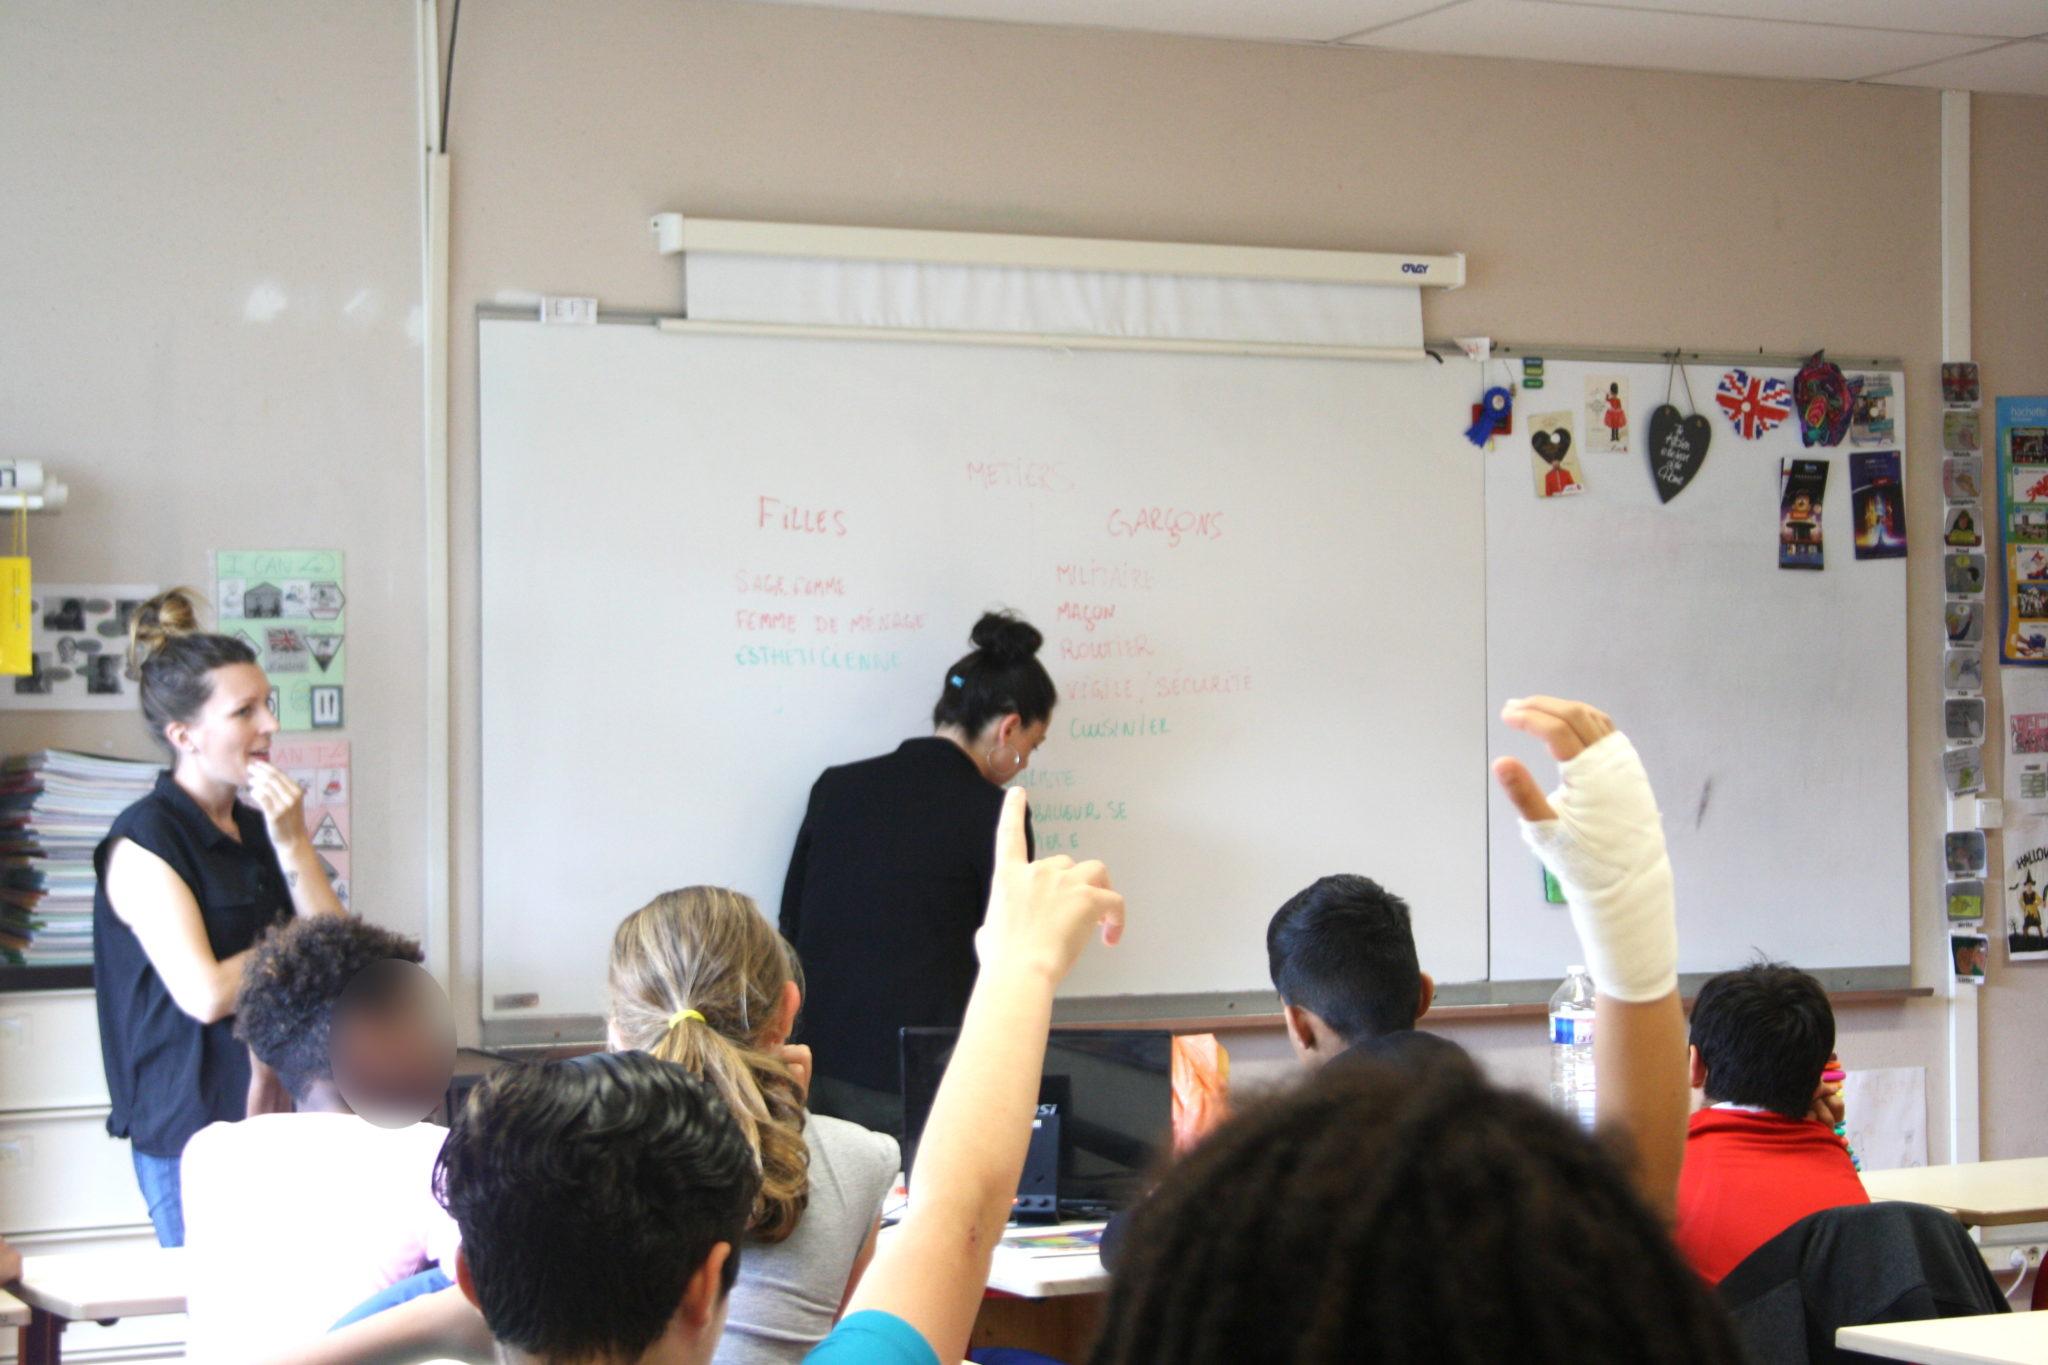 Pour les élèves, quels sont métiers davantage féminins ou masculins ?